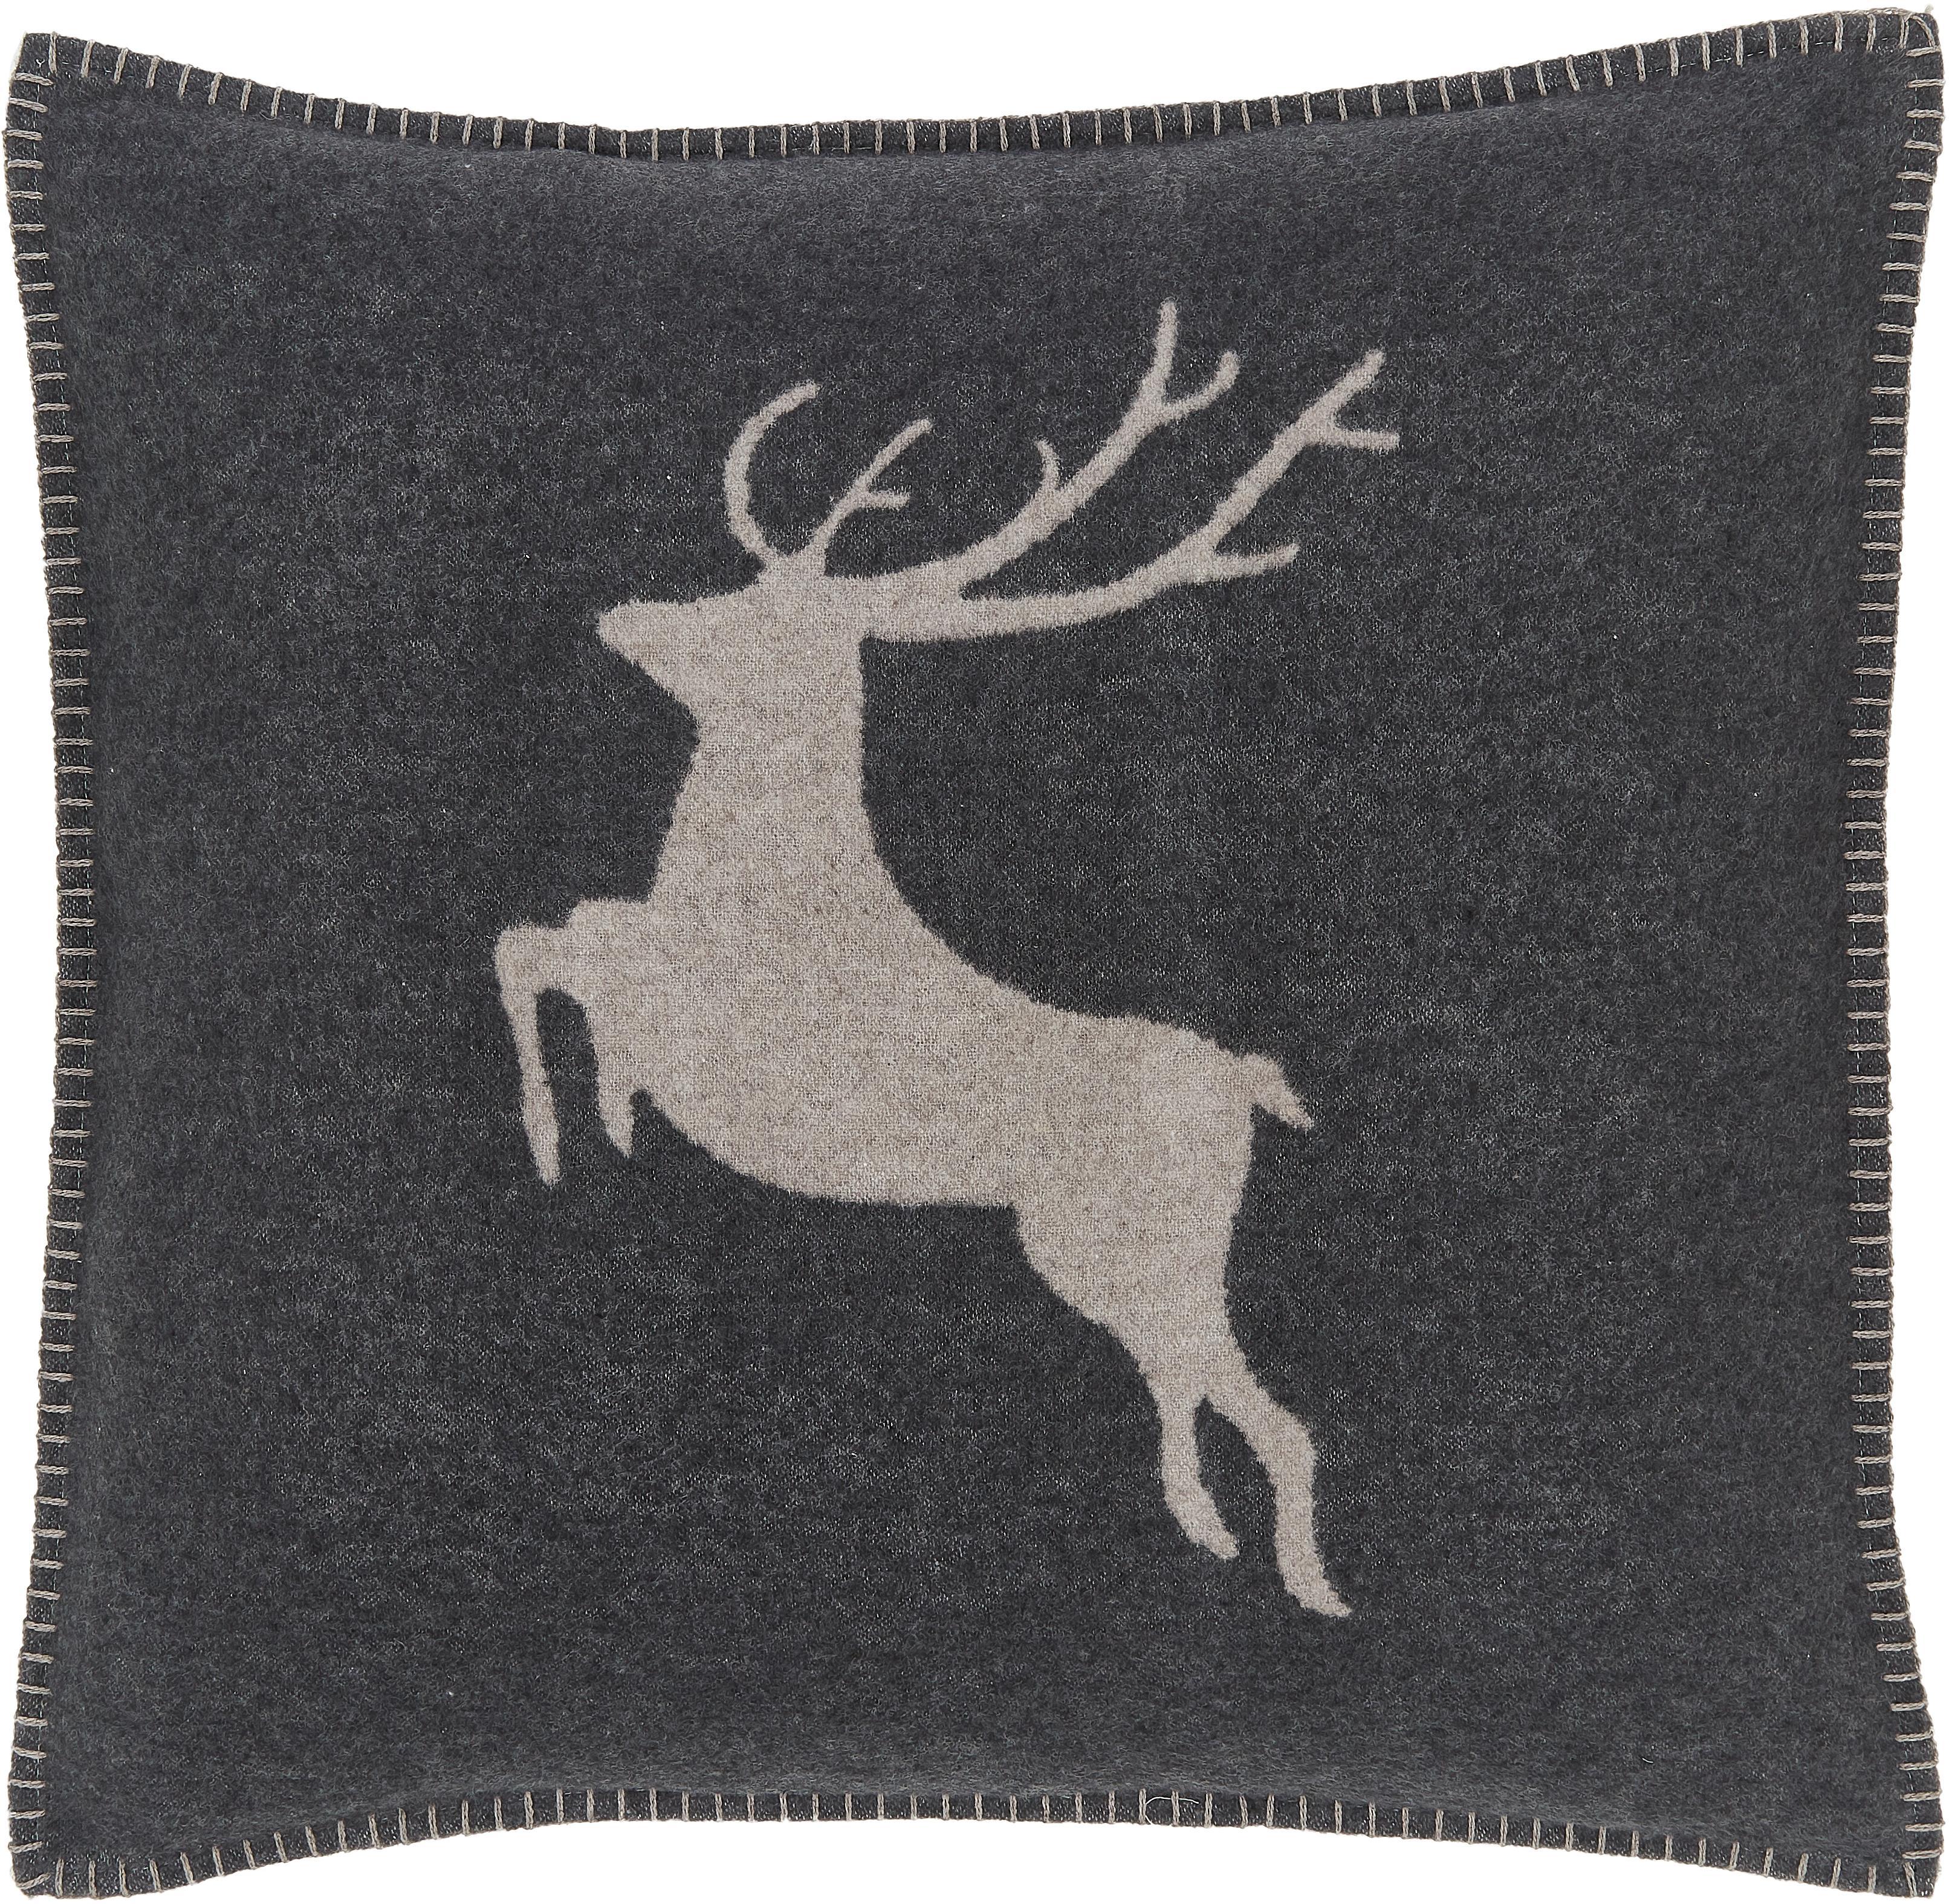 Fleece kussenhoes met hert in grijs., 85% katoen, 8% viscose, 7% polyacryl, Antraciet, beige, 50 x 50 cm